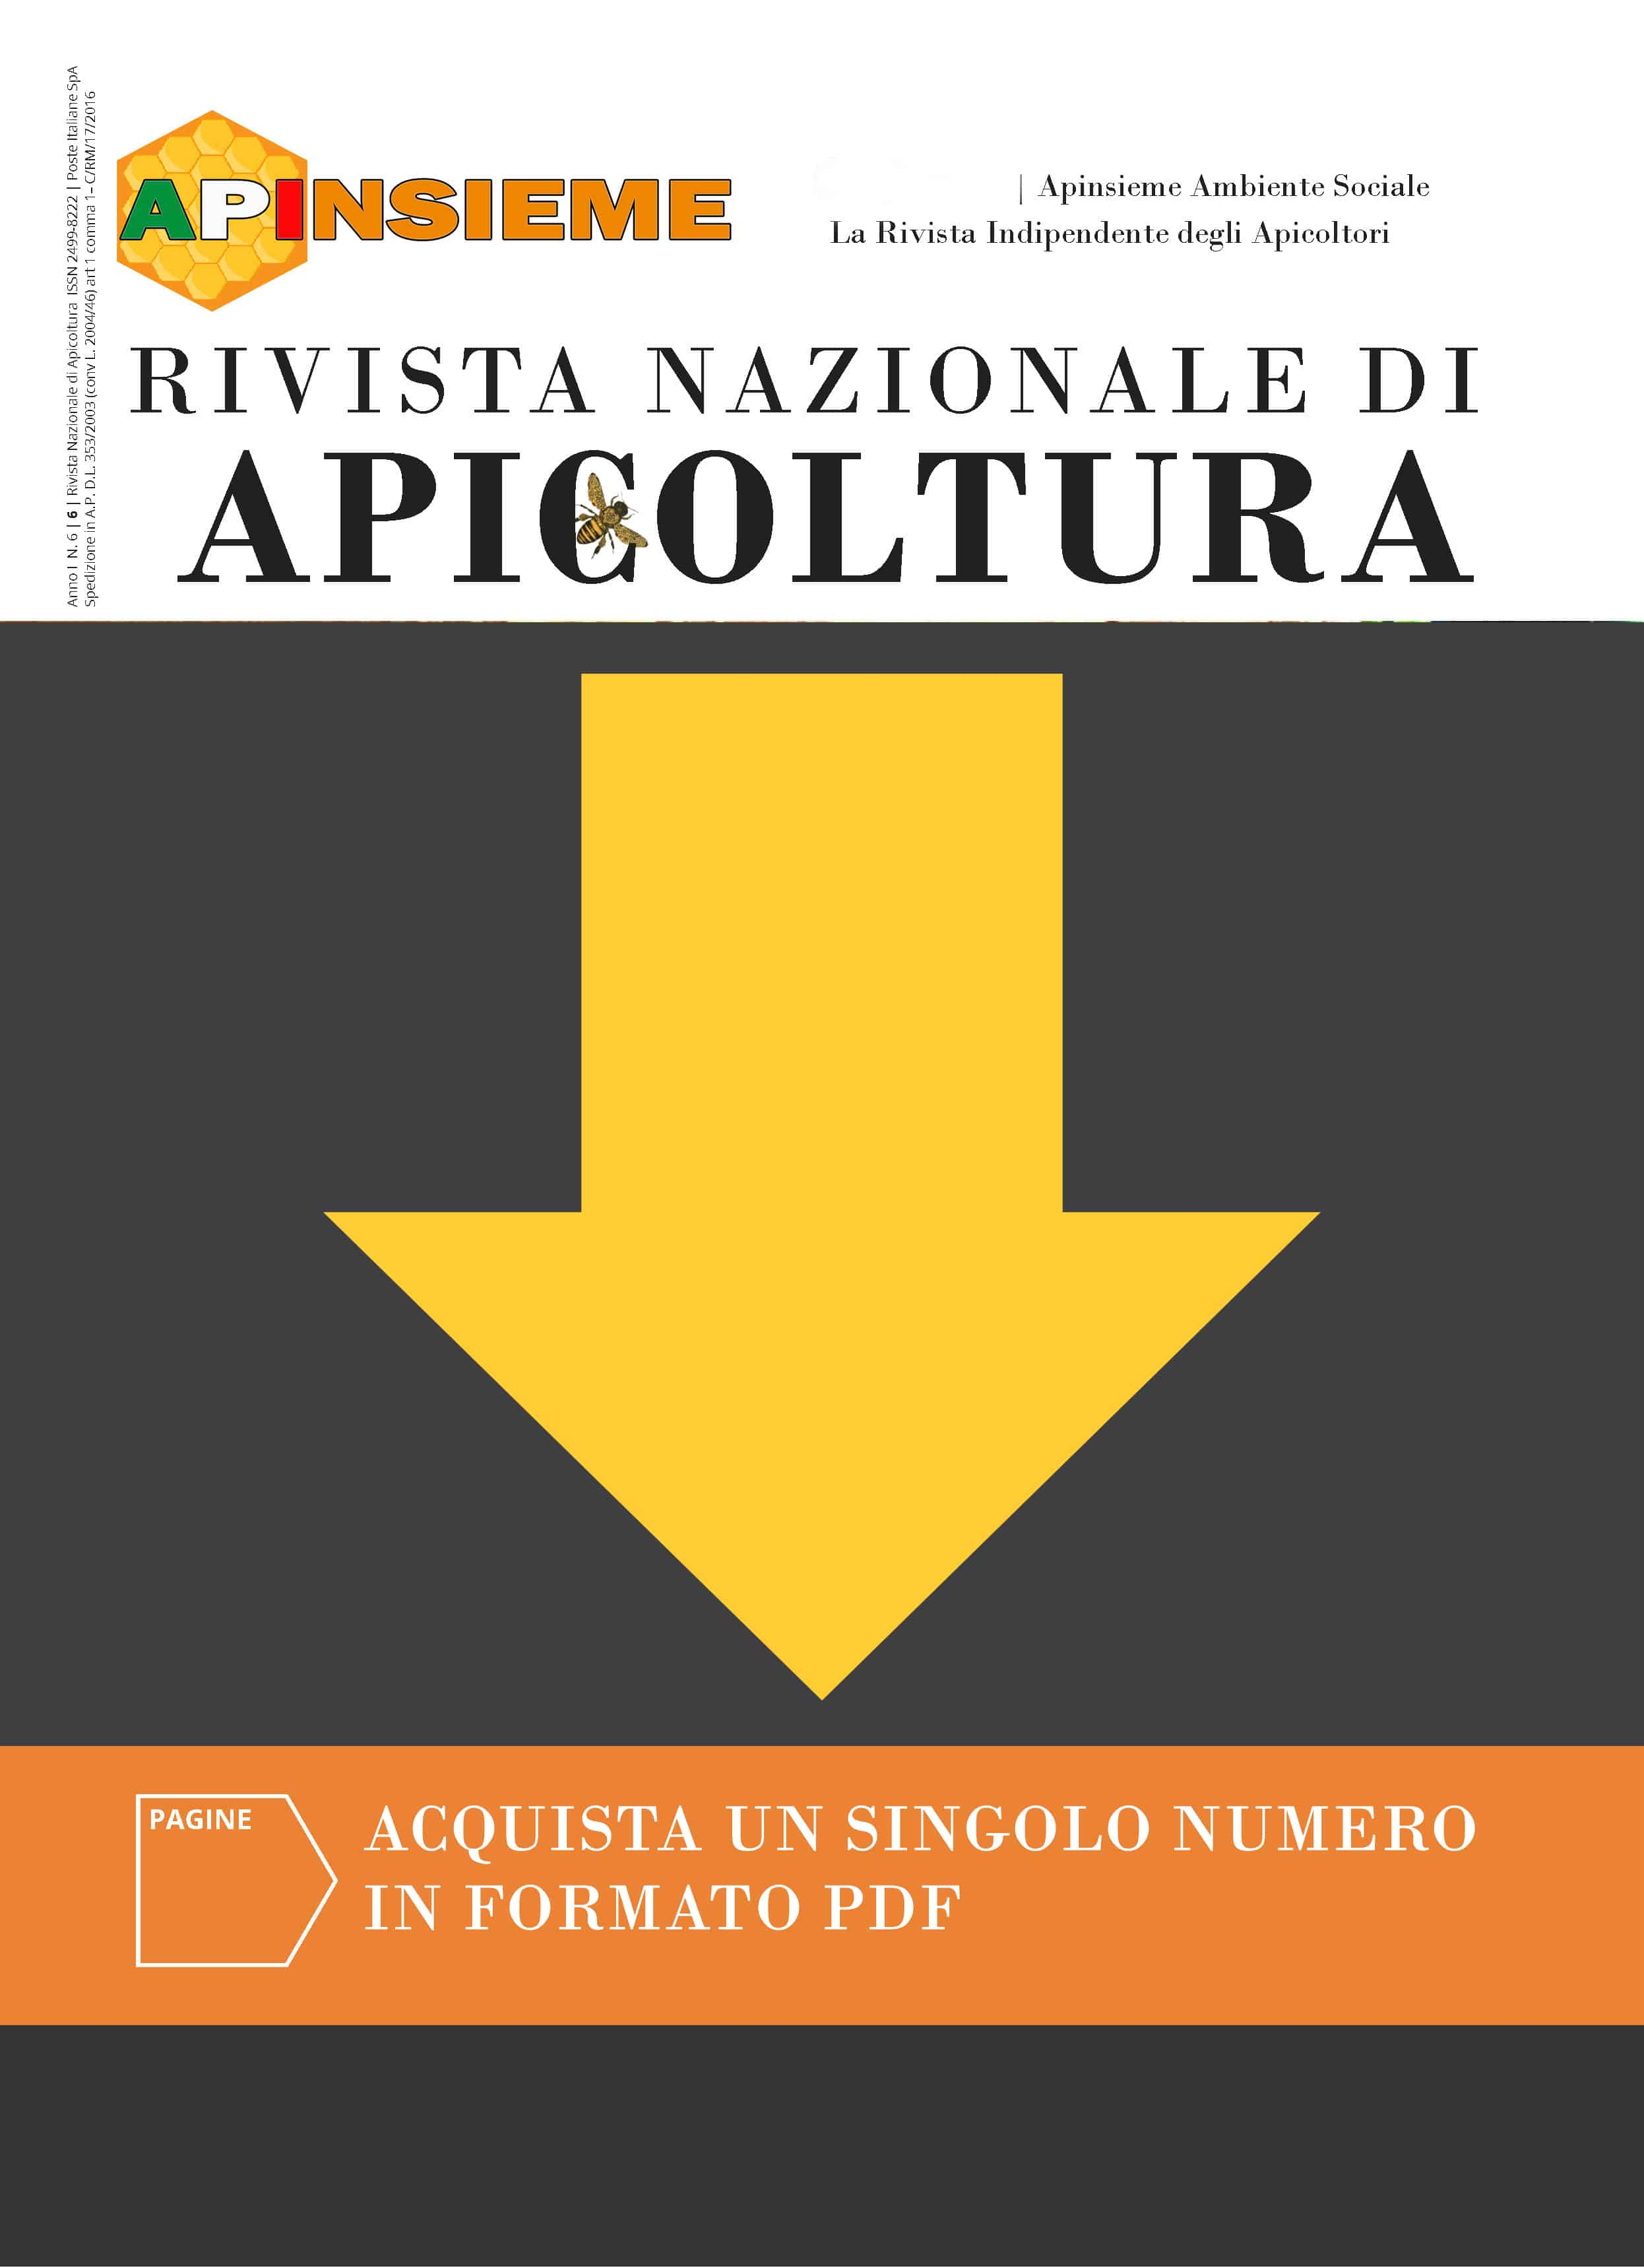 Acquisto 1 numero PDF